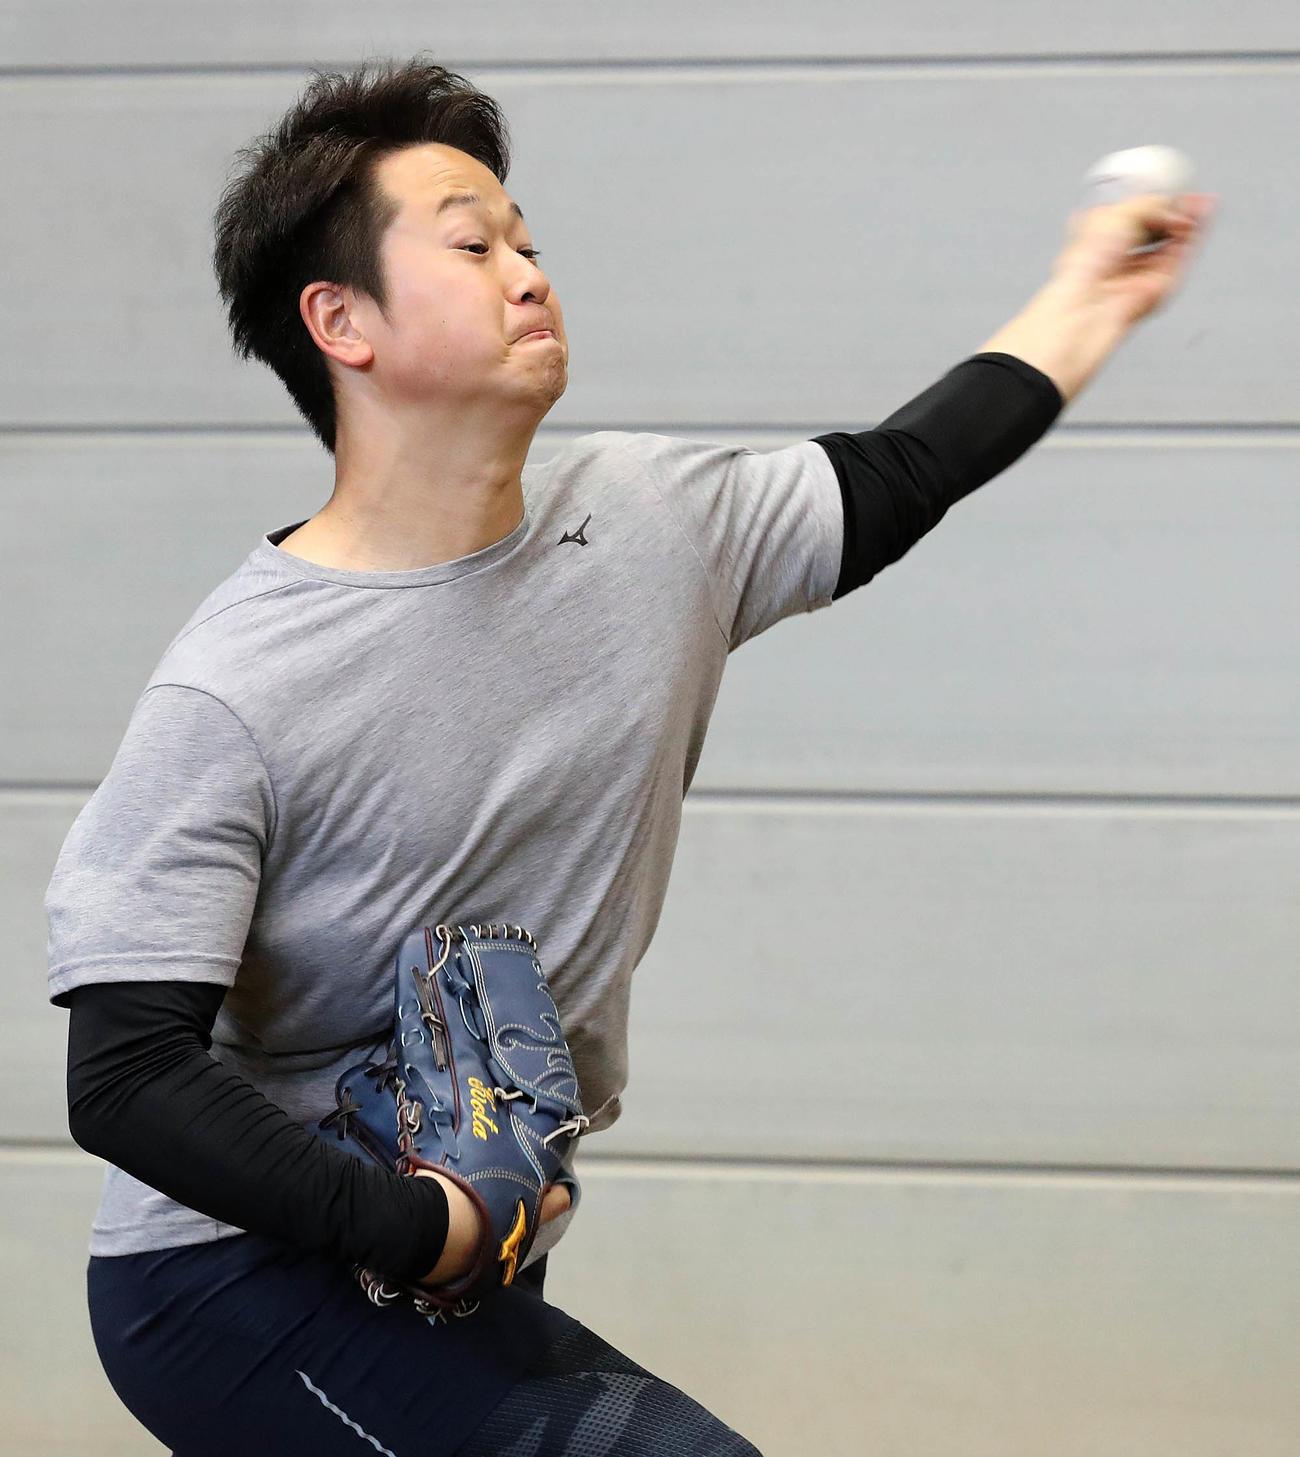 ブルペン投球する巨人中川(提供:読売巨人軍)